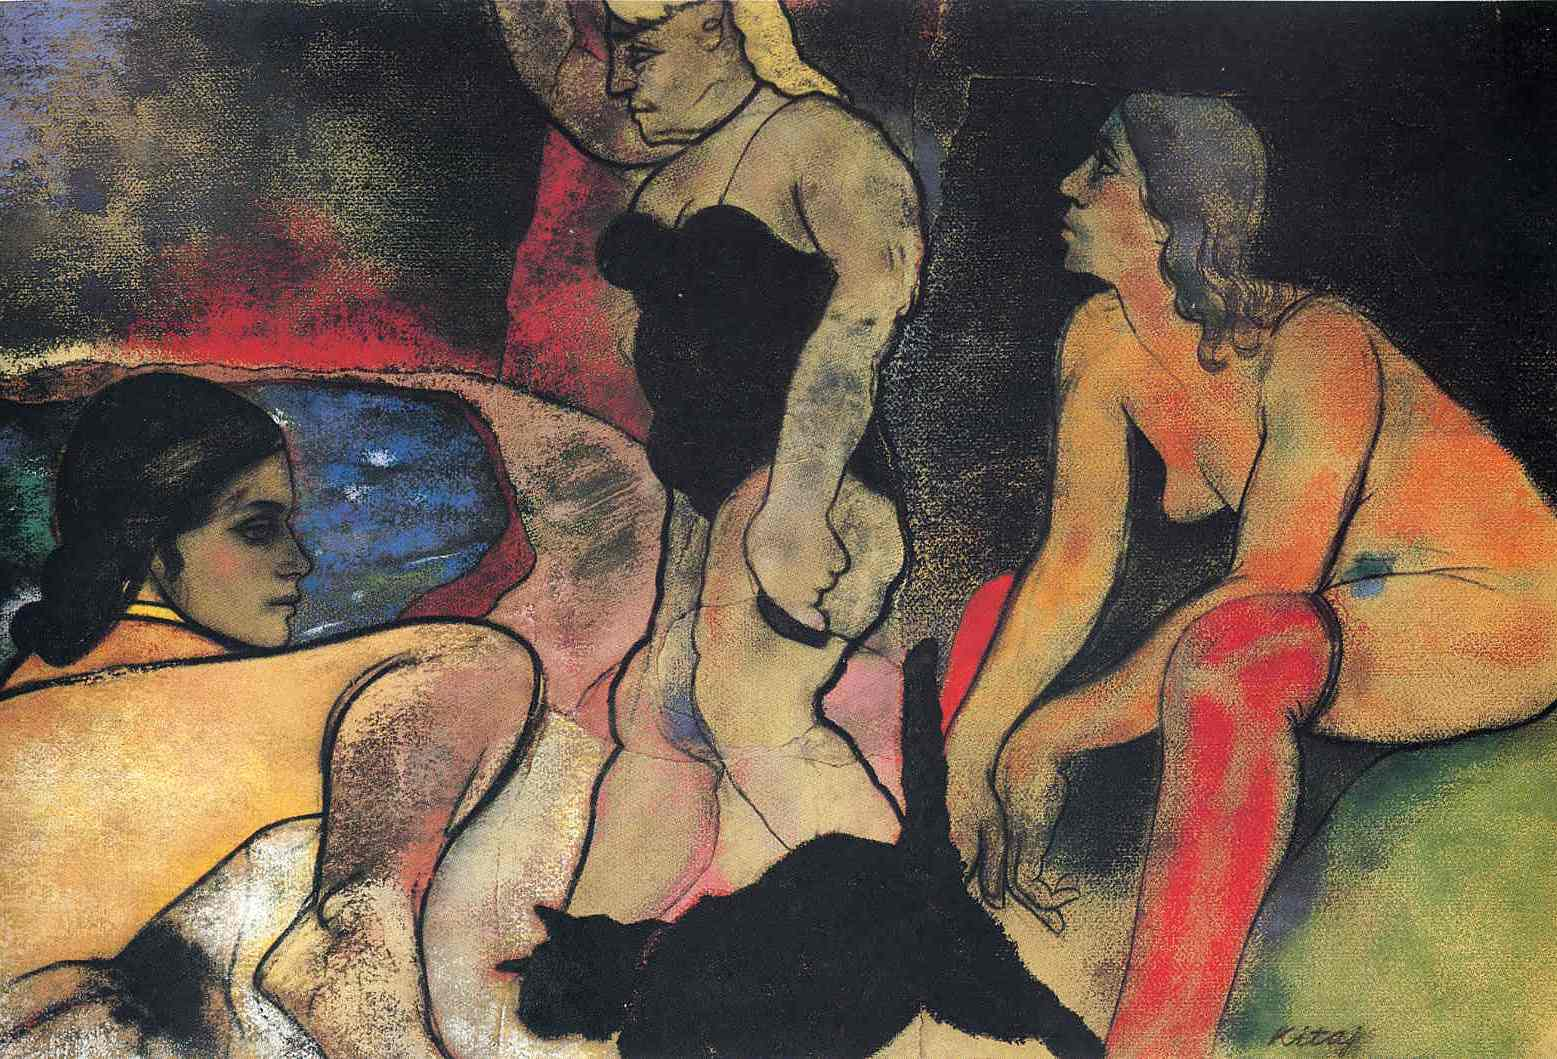 http://2.bp.blogspot.com/-TLc3o-eidyQ/T1M9H4TmHEI/AAAAAAAAJXs/js52Ylq7xh8/s1600/1975-79+The+Rise+of+Fascism+oil+&+pastel+on+paper+85.1+x+158.4+cm.jpg